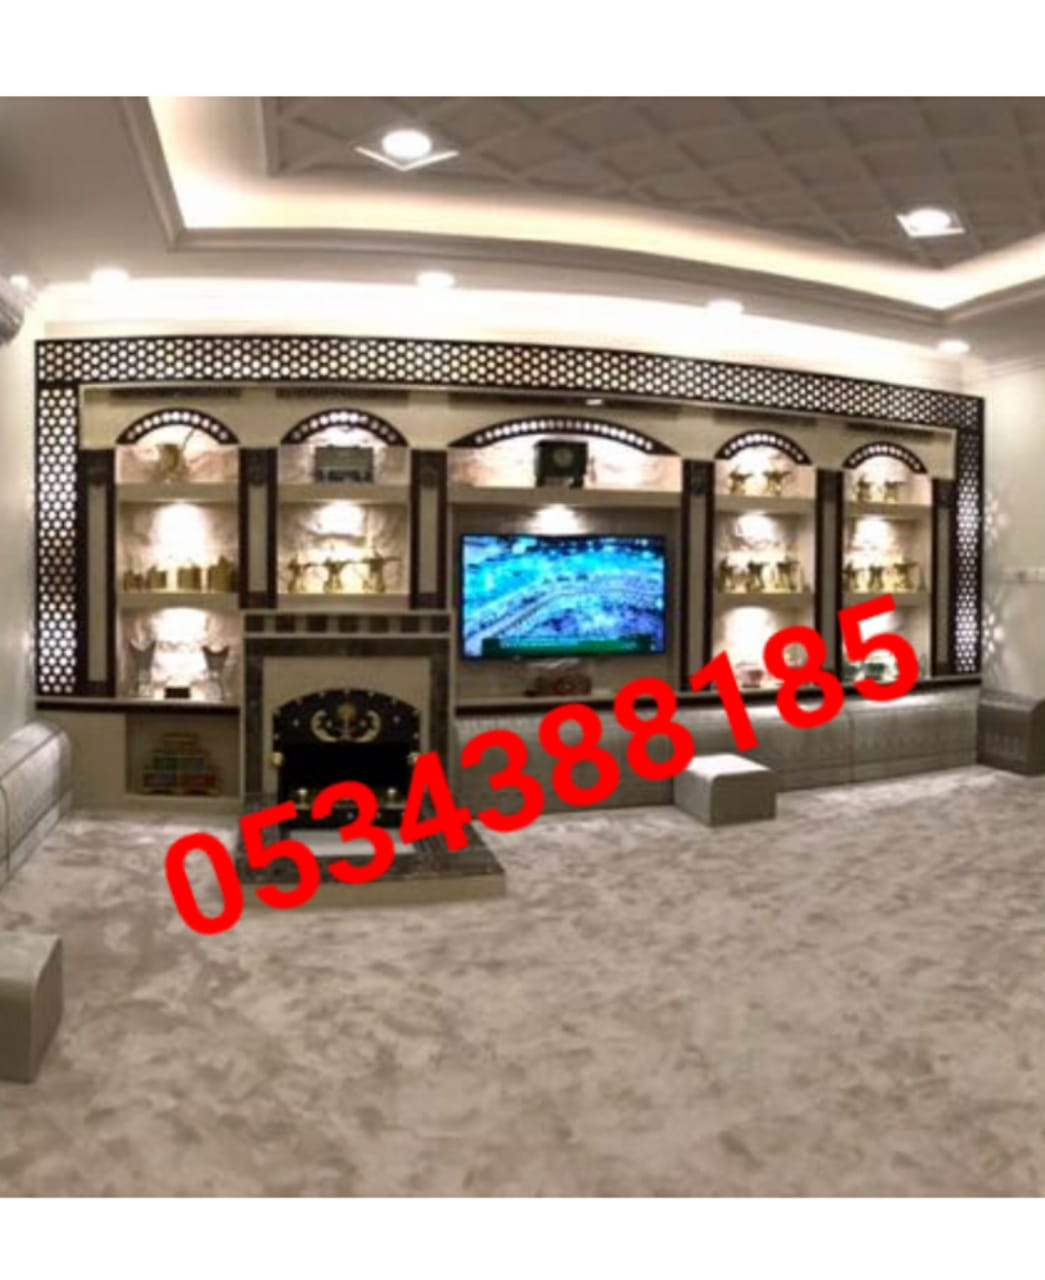 الرياض 0534388185